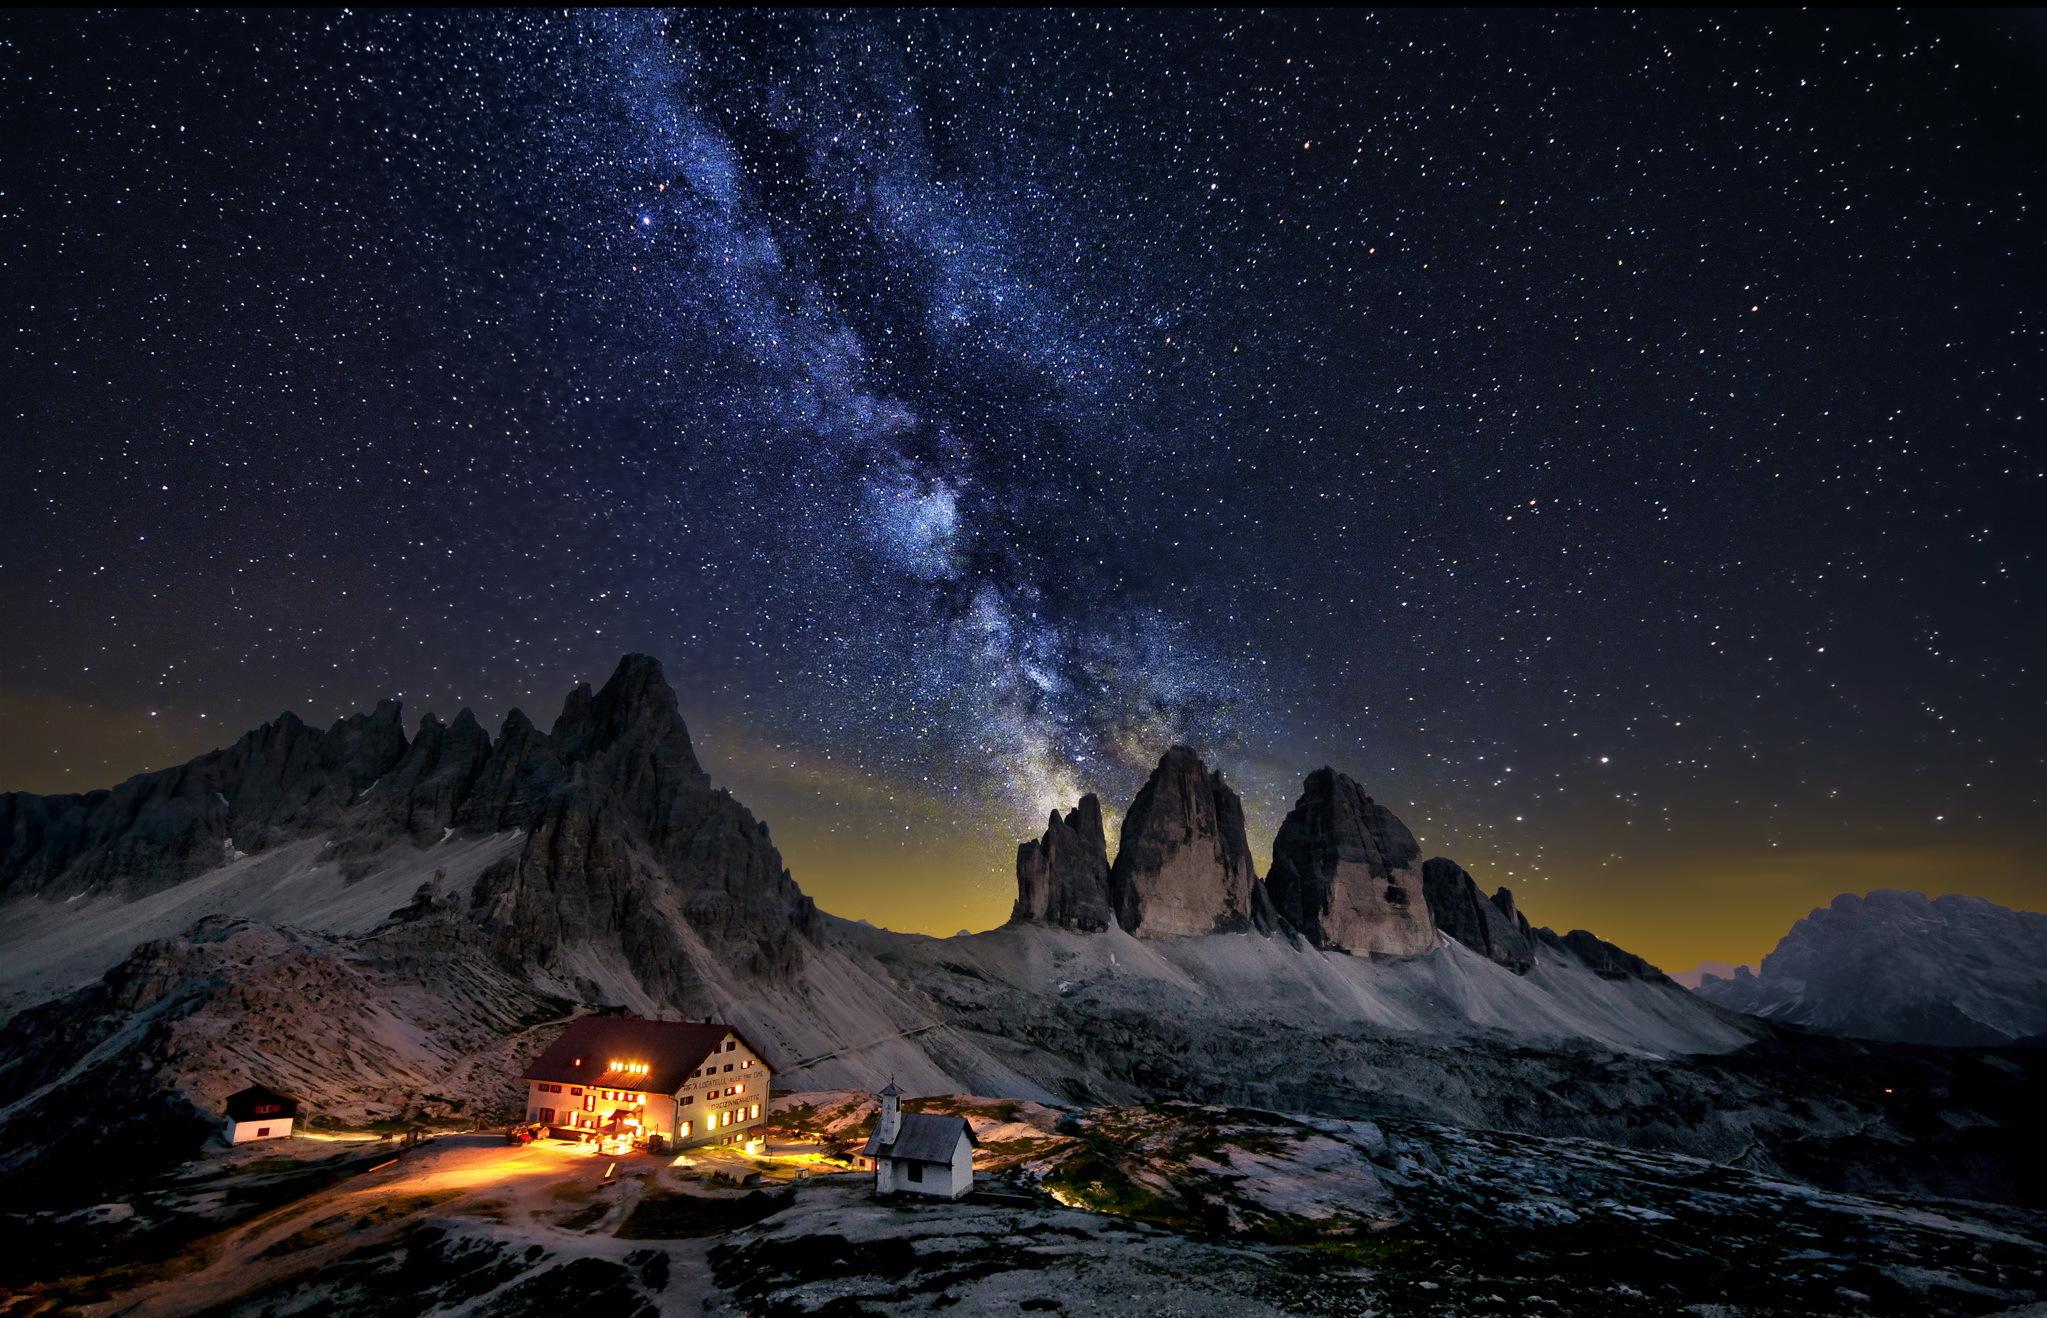 природа космос горы скалы небо звезды ночь  № 851860 бесплатно